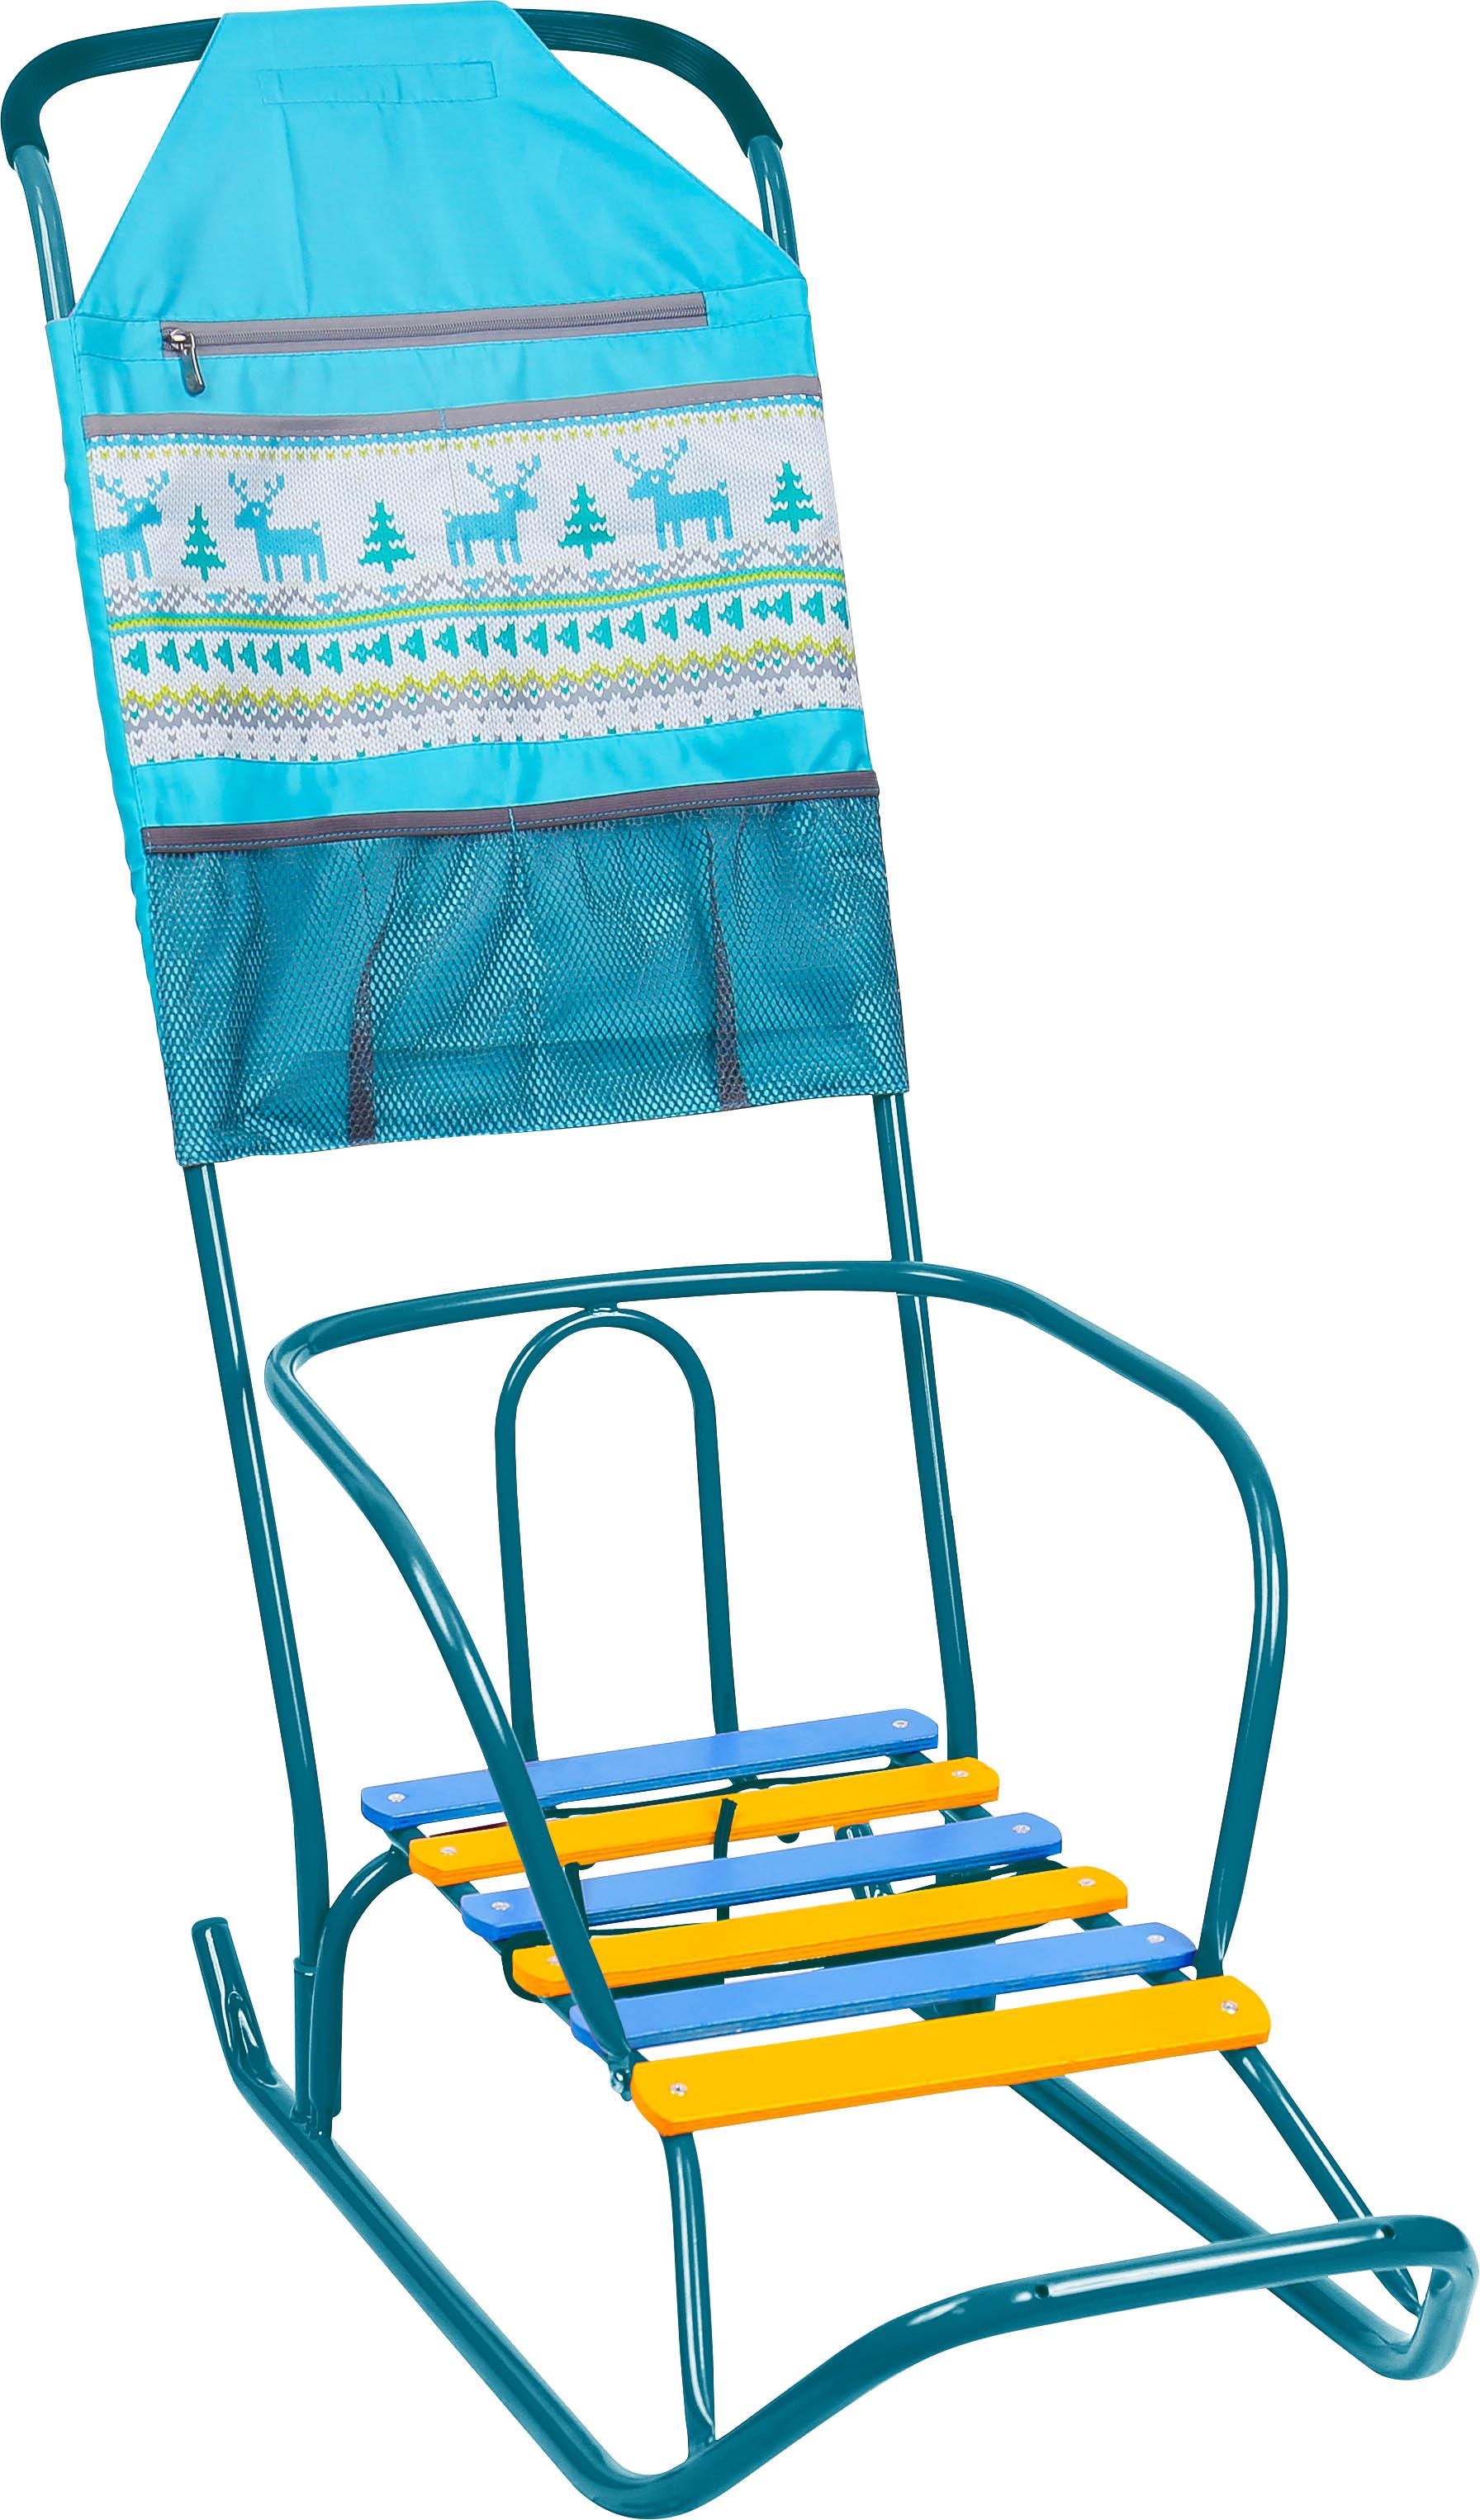 Аксессуары для колясок Nika Органайзер для санок Nika бирюзовый органайзер little tikes органайзер карман для детских принадлежностей seat pal серый